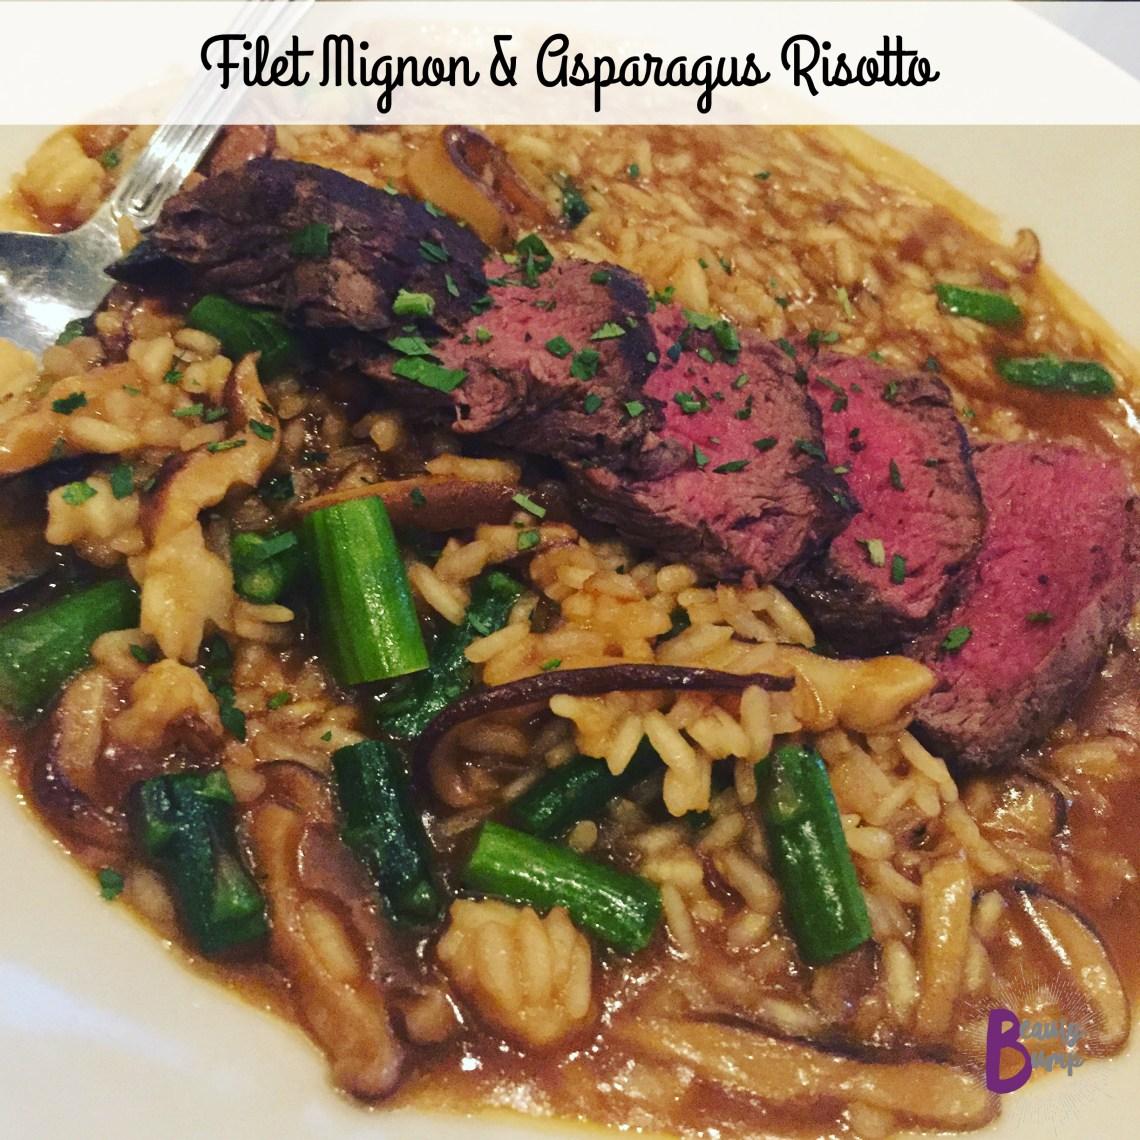 Maggiano's Filet Mignon & Asparagus Risotto